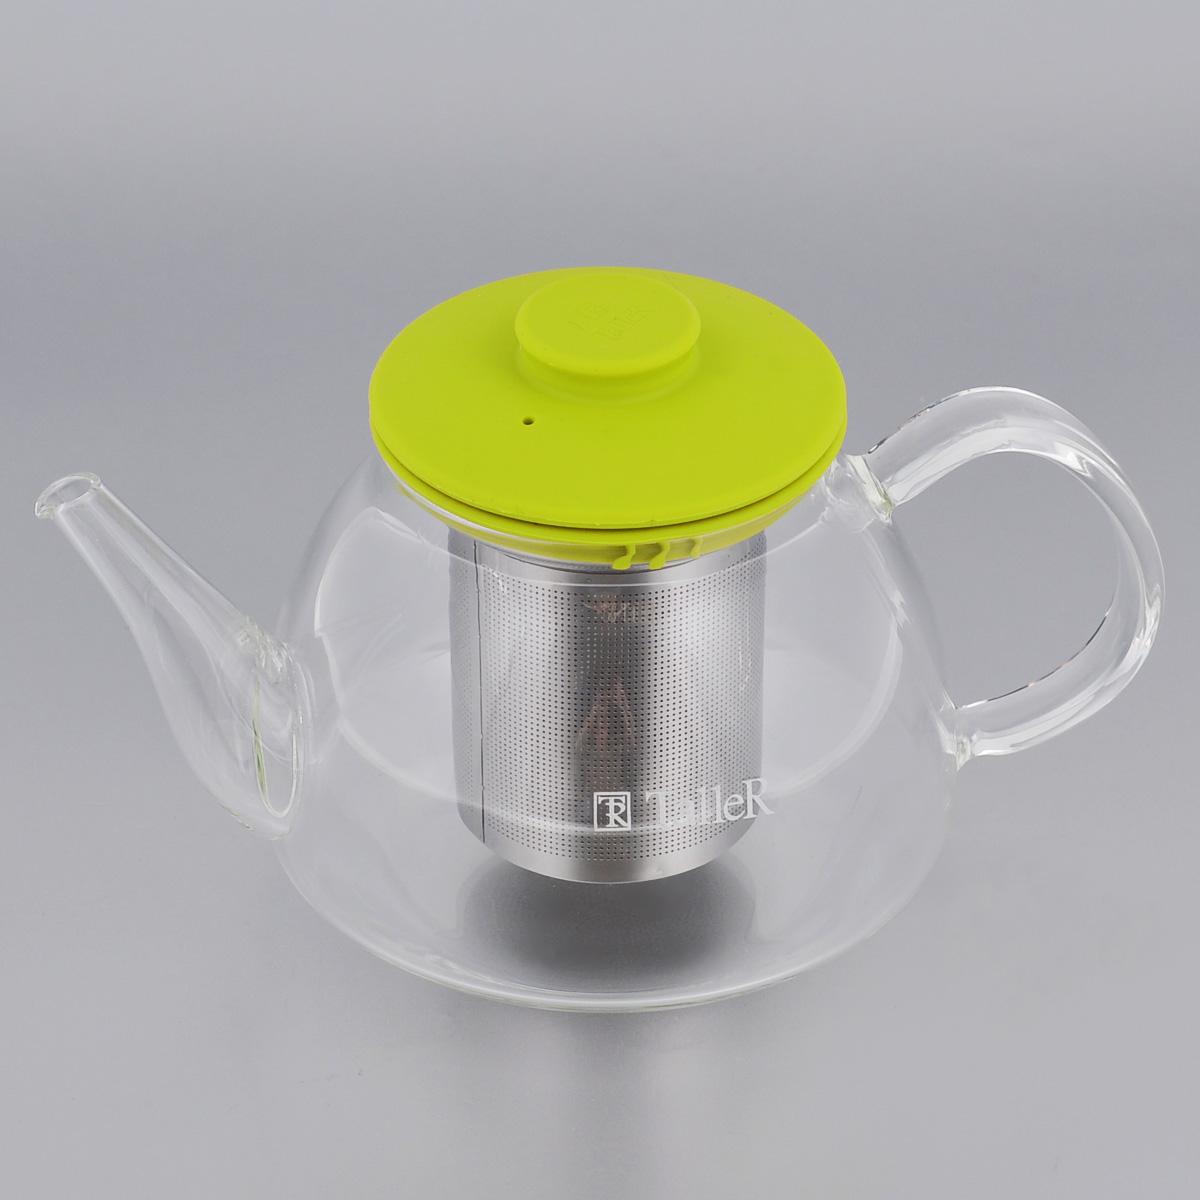 Чайник заварочный Taller Winfred, цвет: салатовый, 0,8 лTR-1361Чайник заварочный Taller Winfred изготовлен из жаропрочного боросиликатного стекла - прочного износостойкого материала. Чайник оснащен металлическим фильтром и силиконовой крышкой.Простой и удобный чайник поможет вам приготовить крепкий, ароматный чай. Дизайн изделия создает гипнотическую атмосферу через сочетание полупрозрачного цвета и хромированных элементов. Можно мыть в посудомоечной машине.Диаметр дна: 11,5 см.Высота (без учета крышки): 9 см.Высота фильтра: 8,5 см.